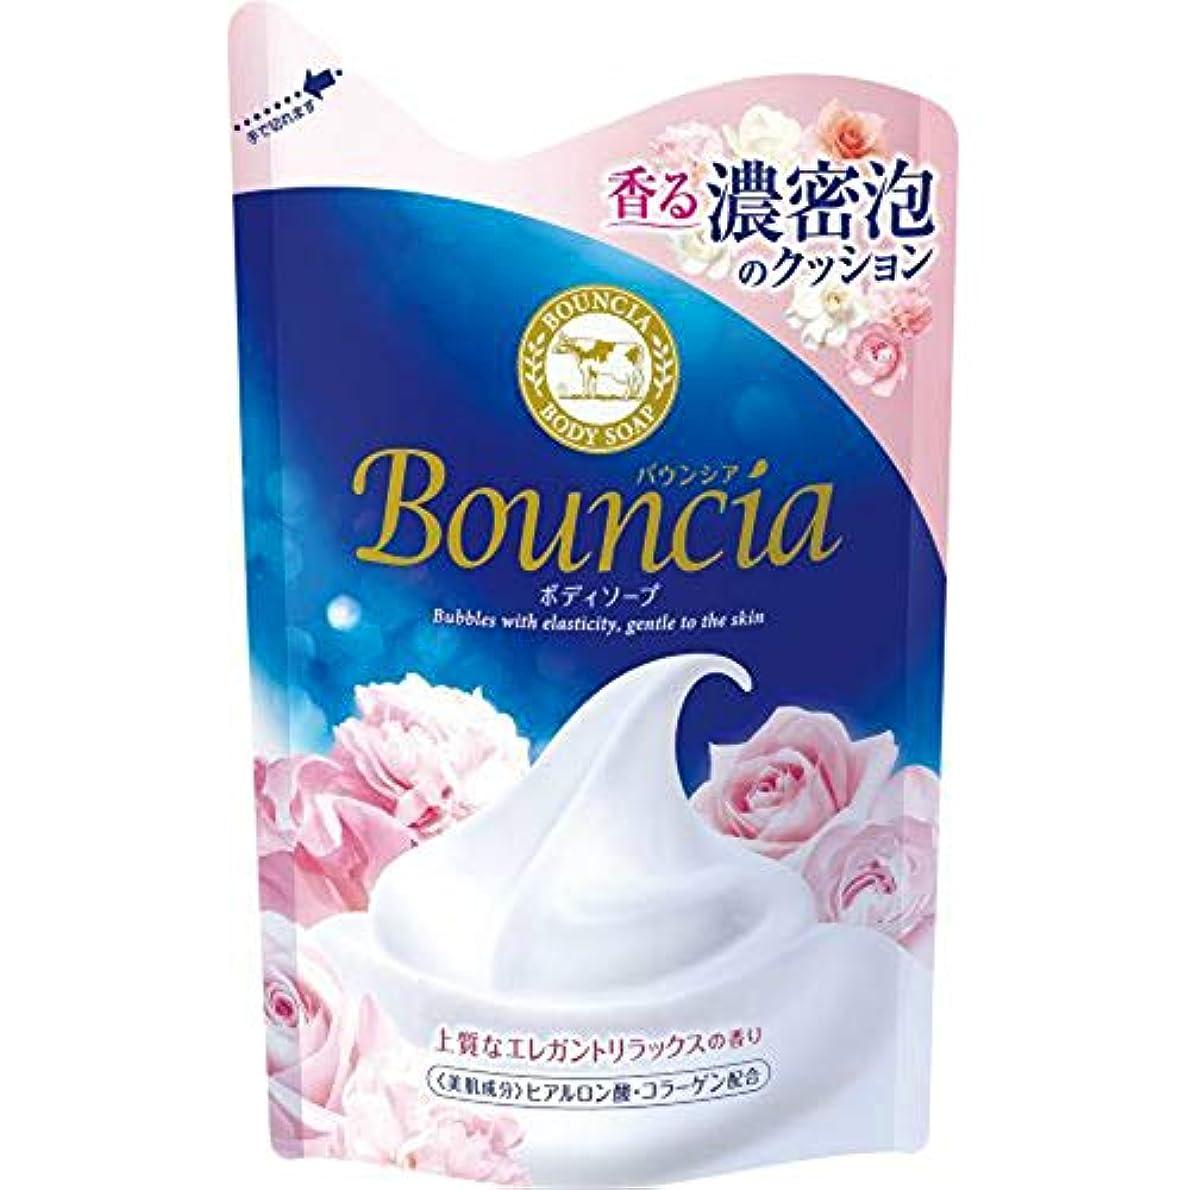 の慈悲で改修流産バウンシア ボディソープ エレガントリラックスの香り 詰替え 430mL